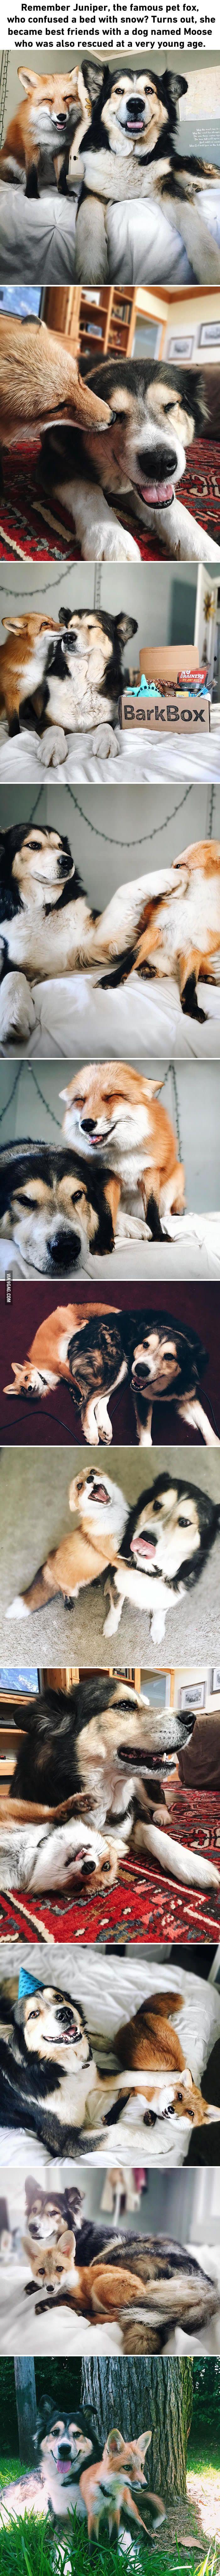 Ungewöhnliche Tierfreundschaften - Fuchs und Hund .... Link zu der Seite der Besitzer:https://www.instagram.com/juniperfoxx/?hl=de